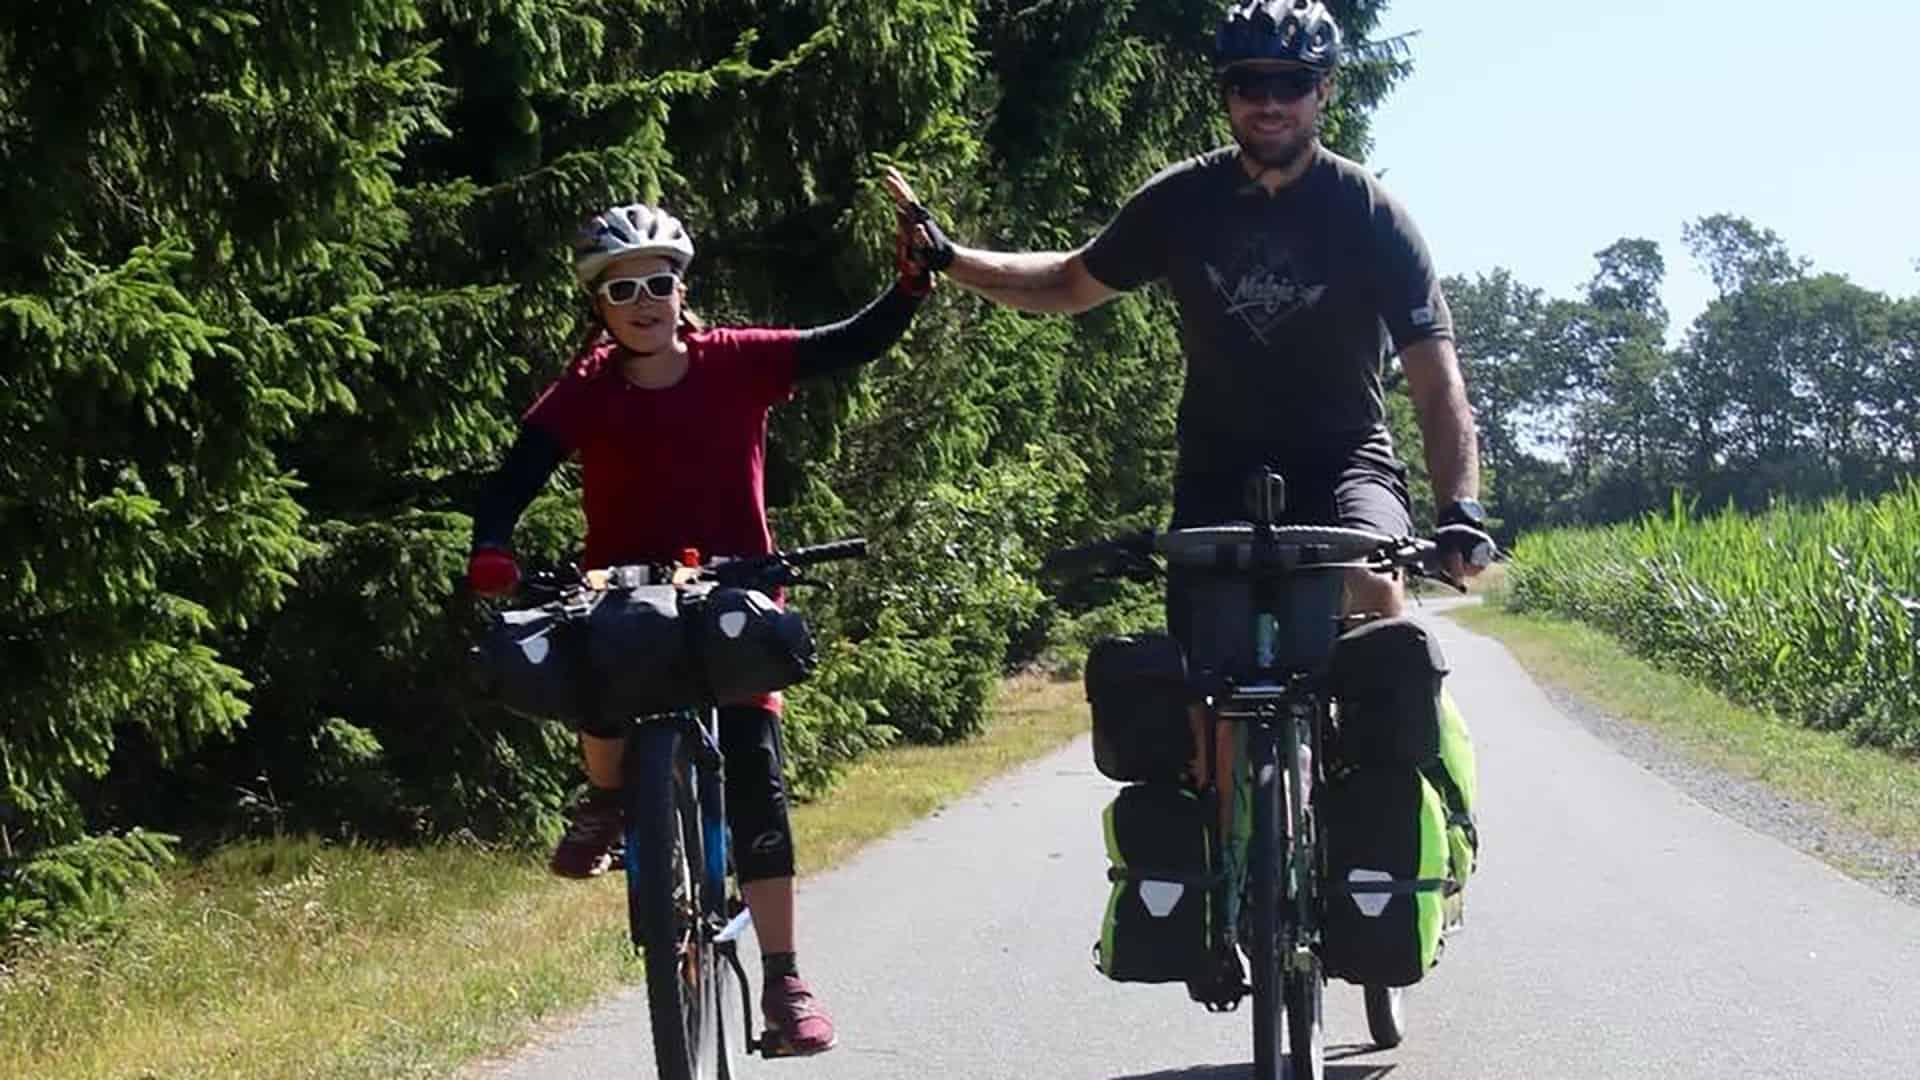 Far og datter i Vildmarken, 45 dage i Danmark, foredrag, Karen og Erik, Cykeltur